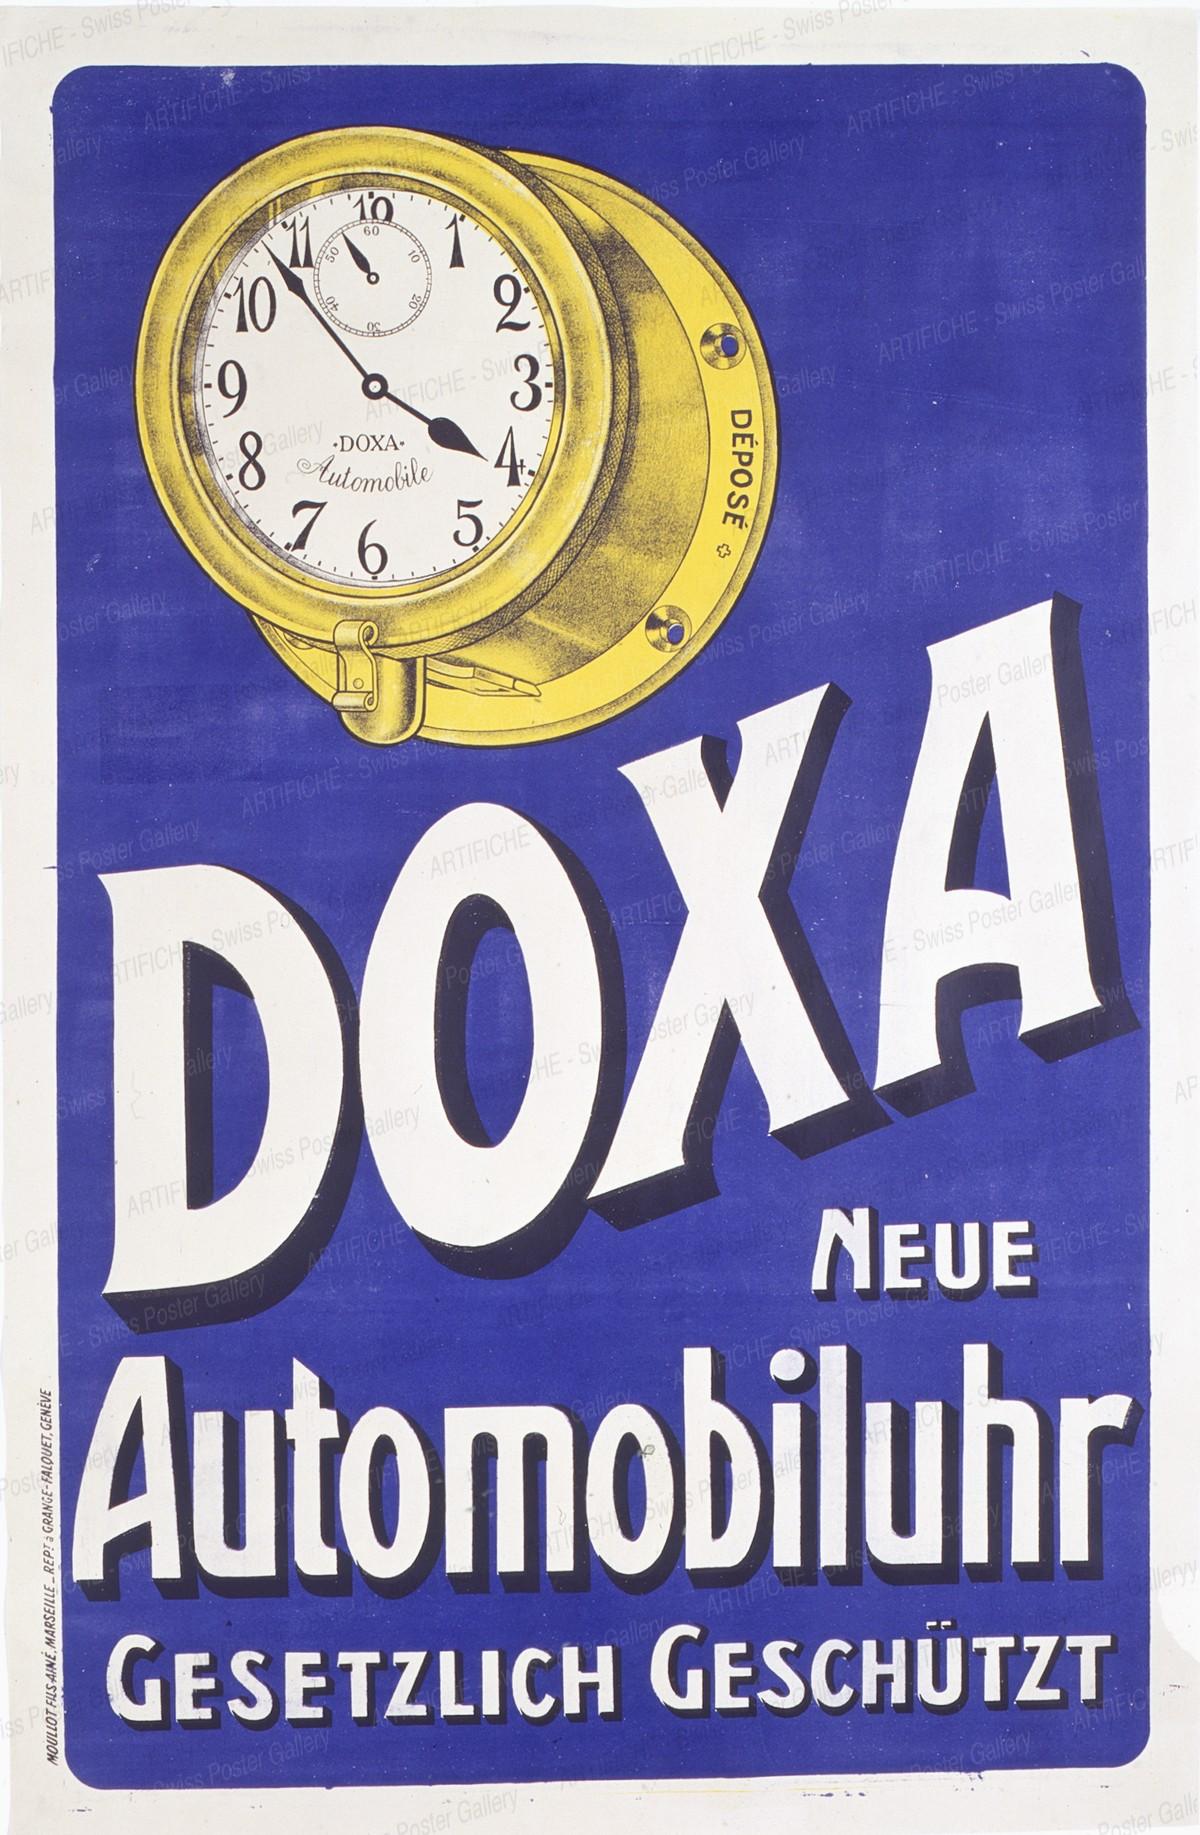 DOXA – Die neue Automobiluhr – gesetzlich geschützt, Artist unknown